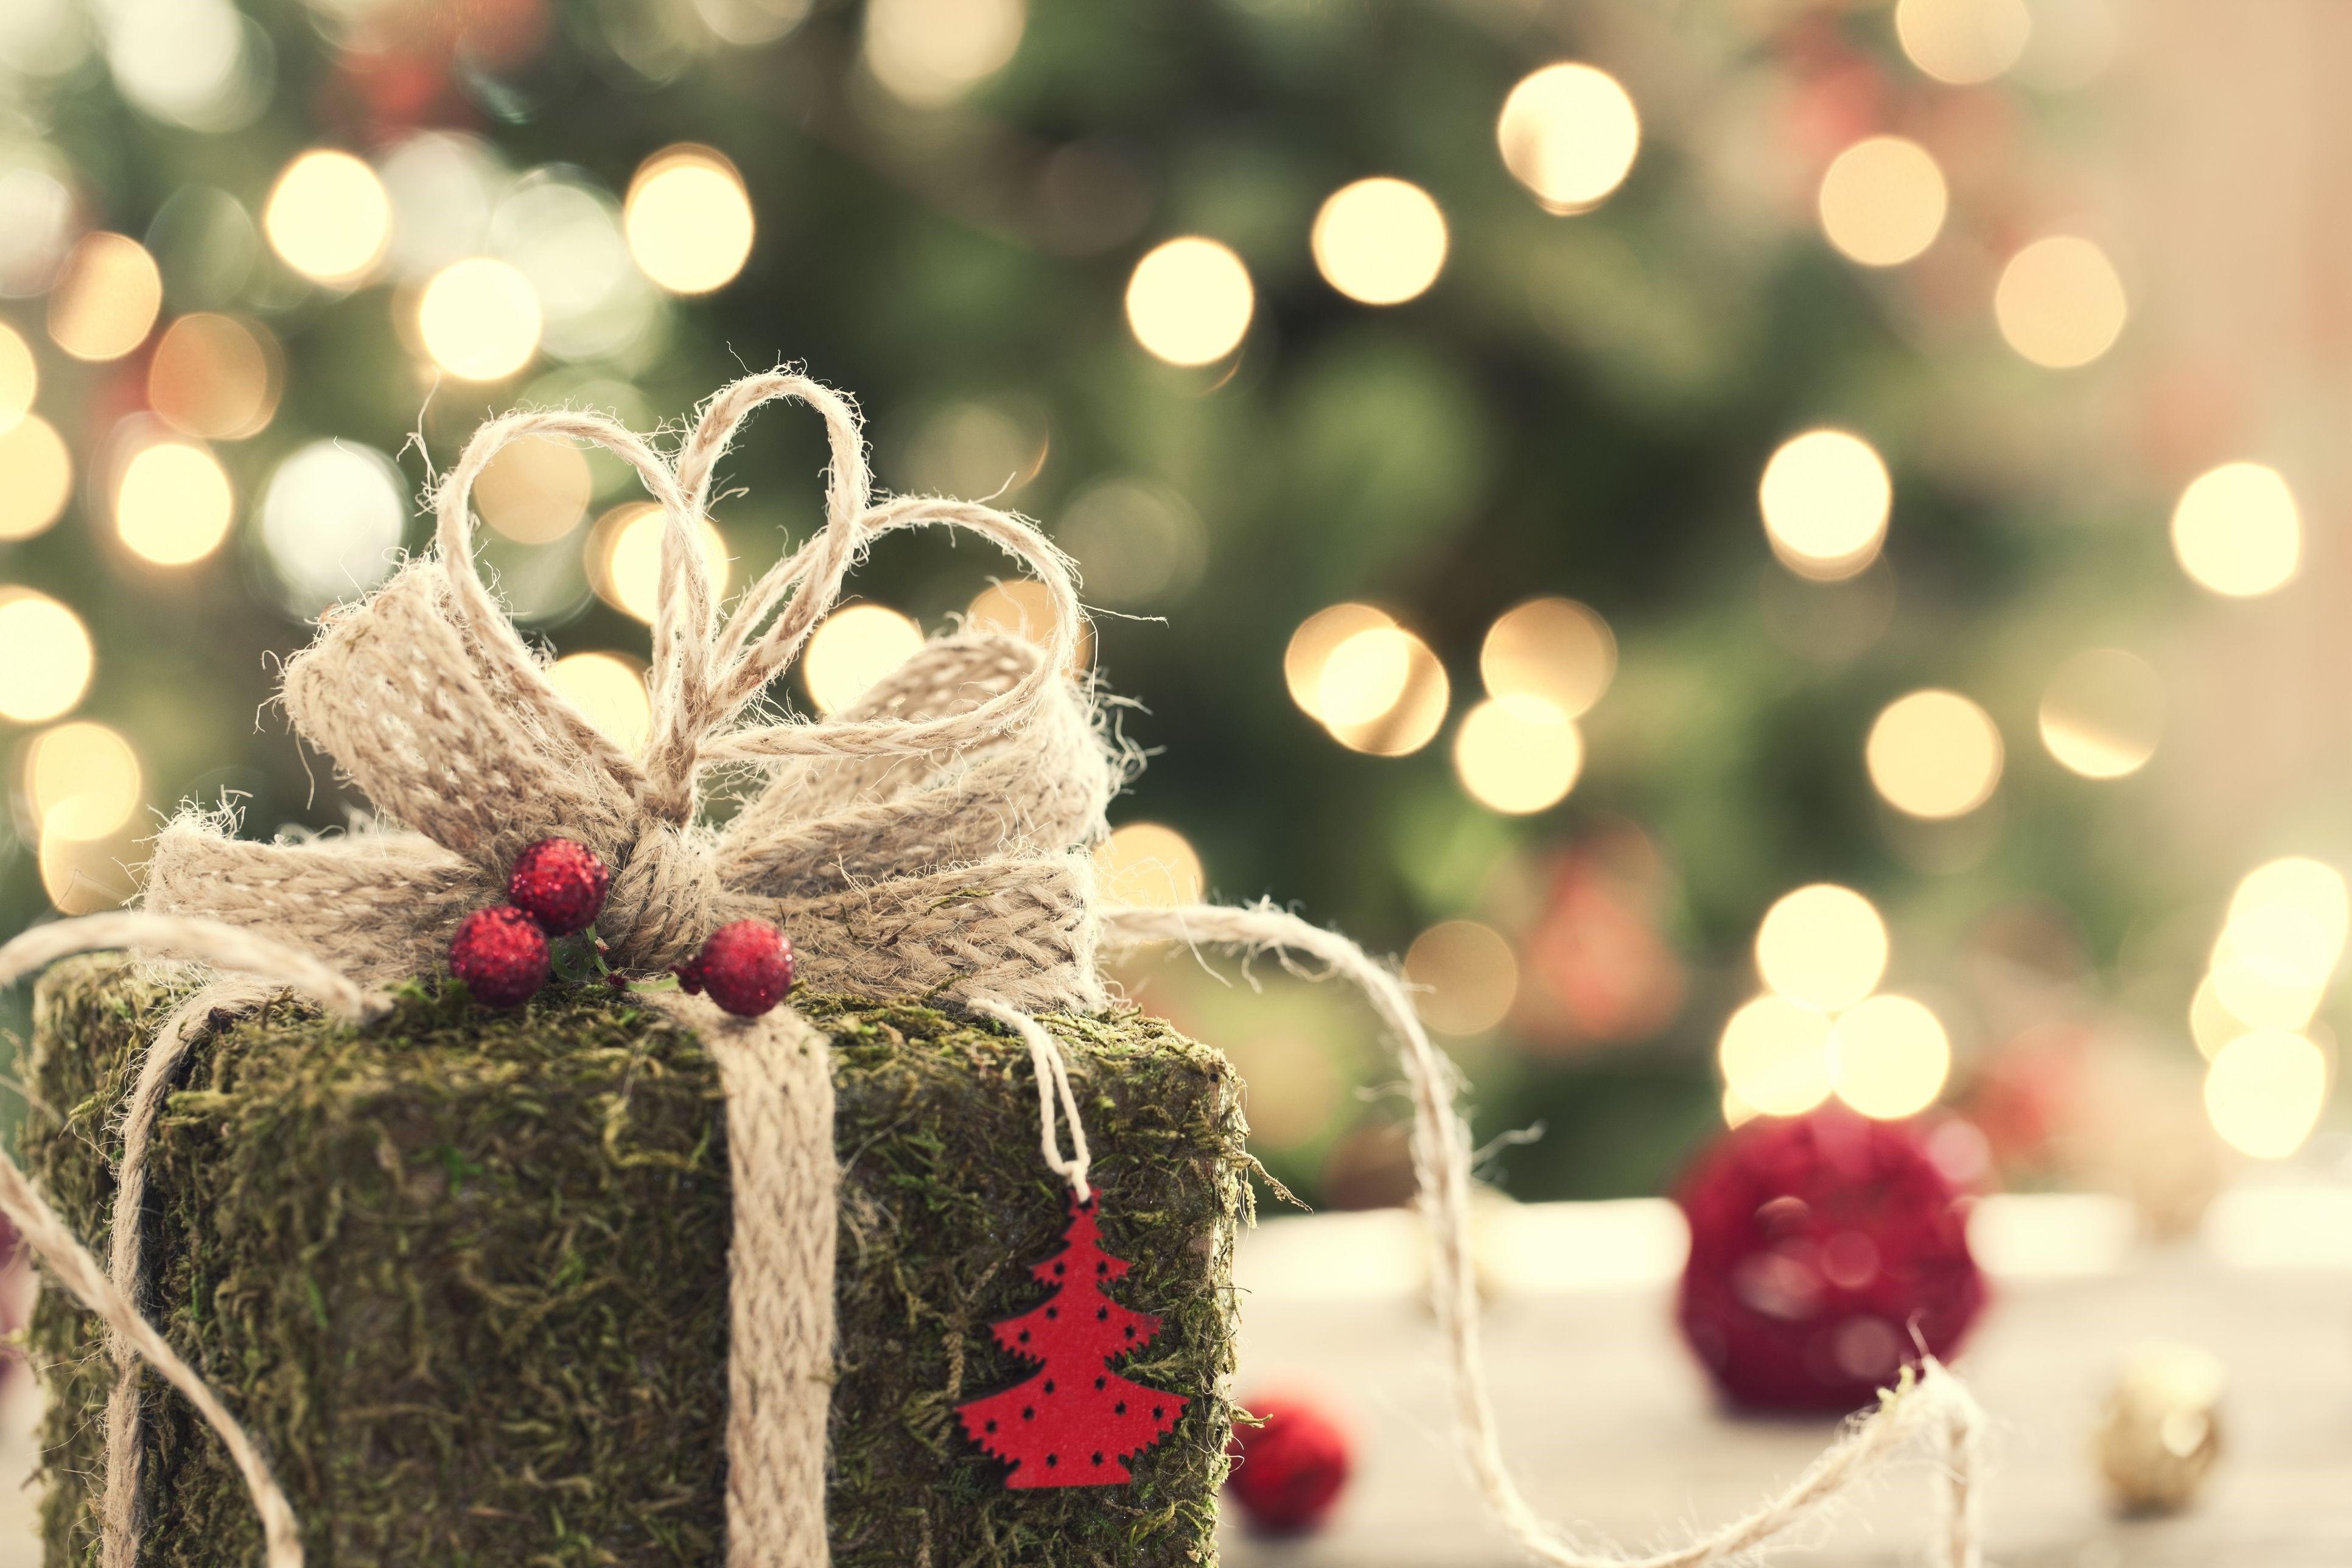 Décoration de Noël avec des éléments naturels en vert.